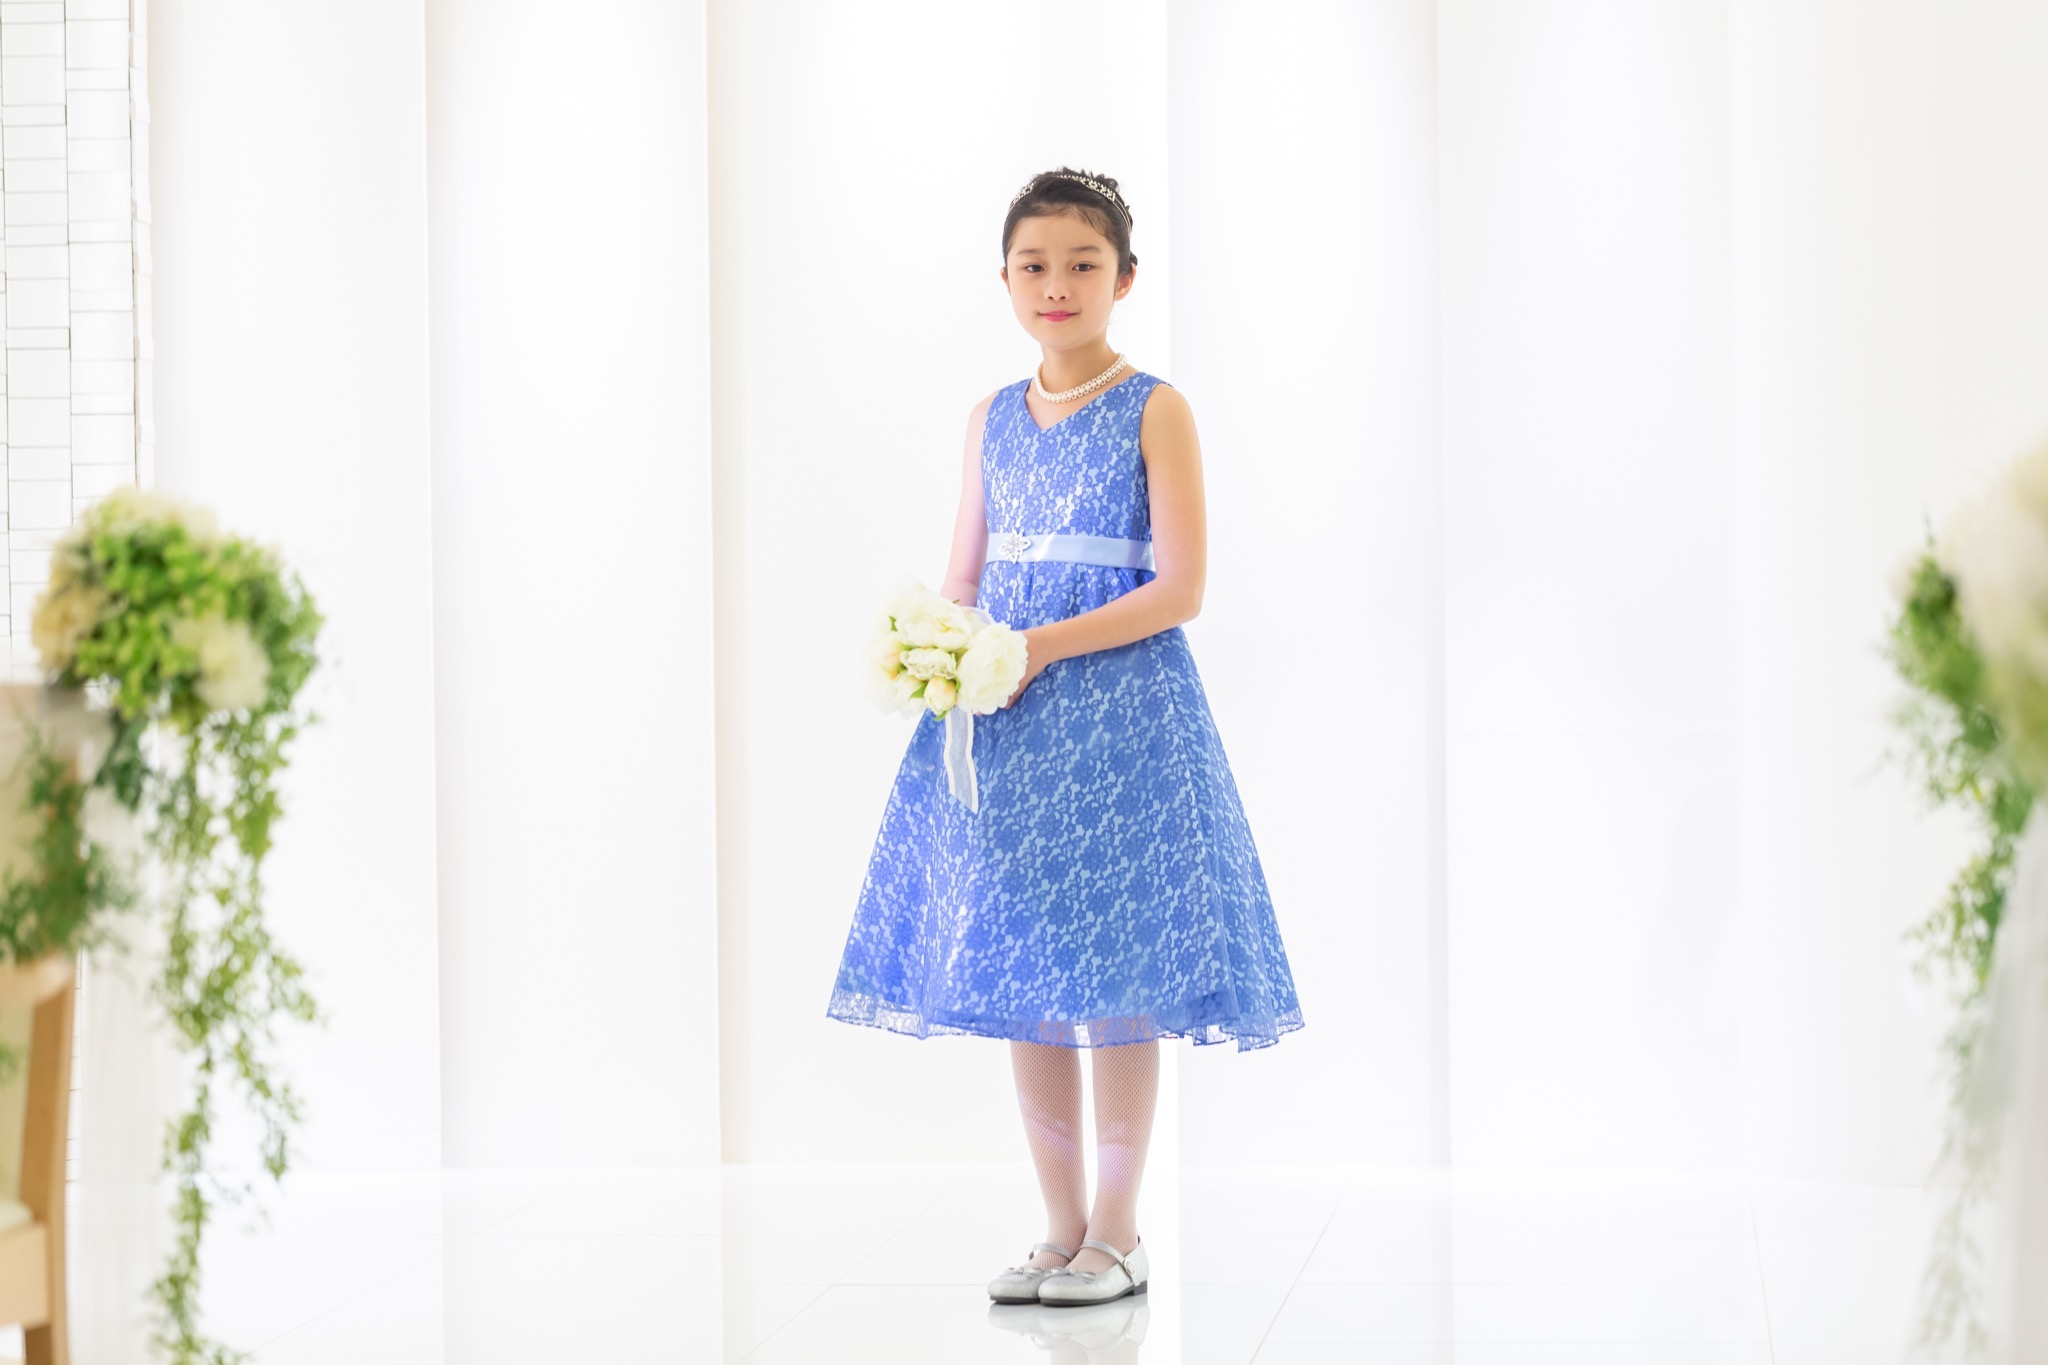 フラワーレースが華やかで鮮やかなブルーのインポートドレスです。 裏地とウエストリボンのライトブルーが爽やかな印象で、ミモレ丈の為大人っぽく着こなせていただけます。